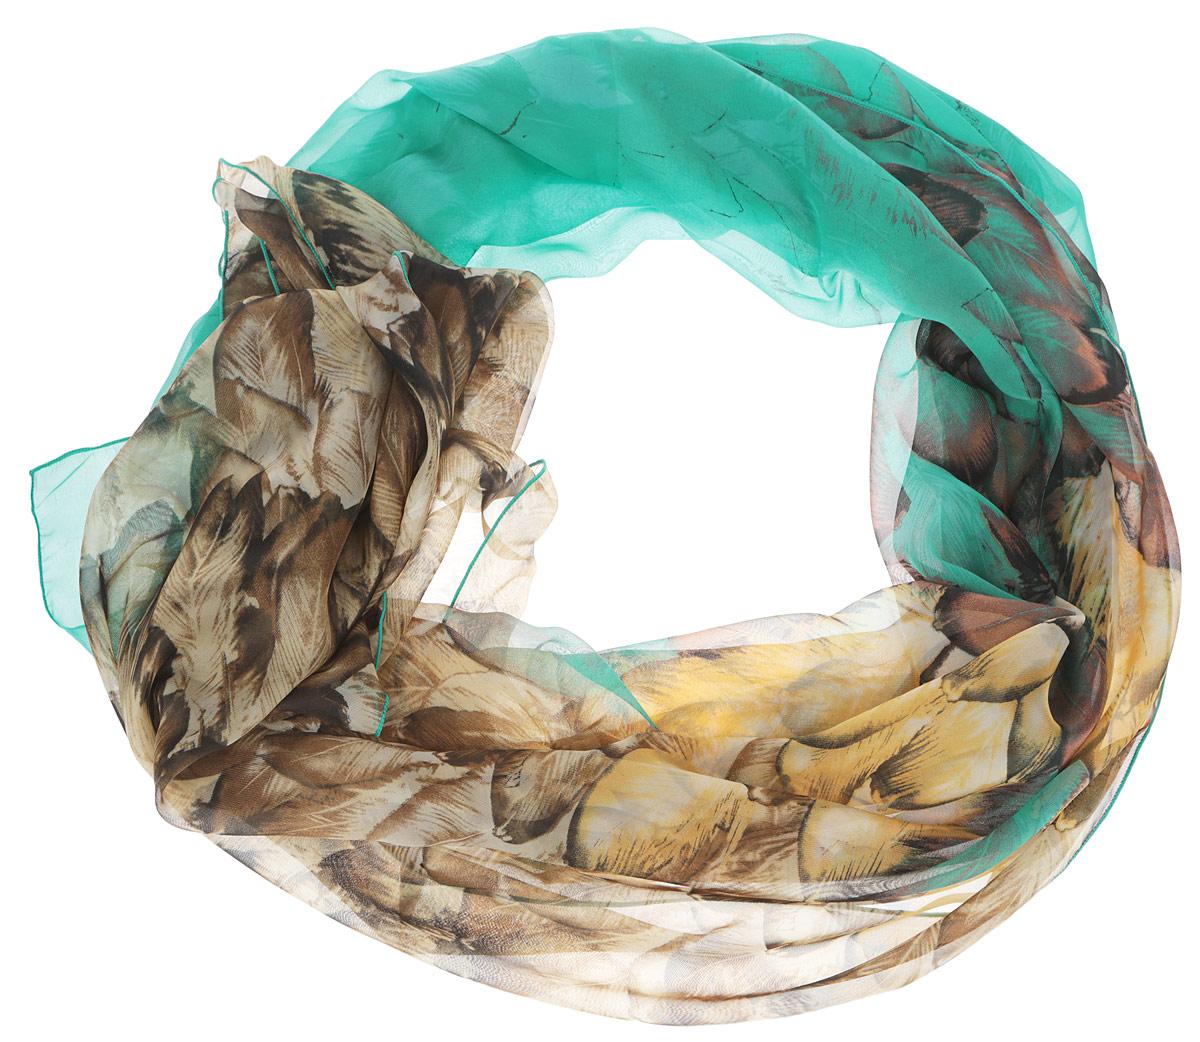 Шарф женский Fabretti, цвет: бирюзовый, коричневый, желтый. RL0055-1. Размер 180 см х 95 смRL0055-1Женский шарф Fabretti, выполненный из полиэстера с добавлением шелка, станет ярким дополнением к вашему гардеробу. Изделие легкое и воздушное, имеет приятную текстуру. Модель оформлена принтом с изображением перьев. Этот модный аксессуар гармонично дополнит образ современной женщины, следящей за своим имиджем и стремящейся всегда оставаться стильной и элегантной.